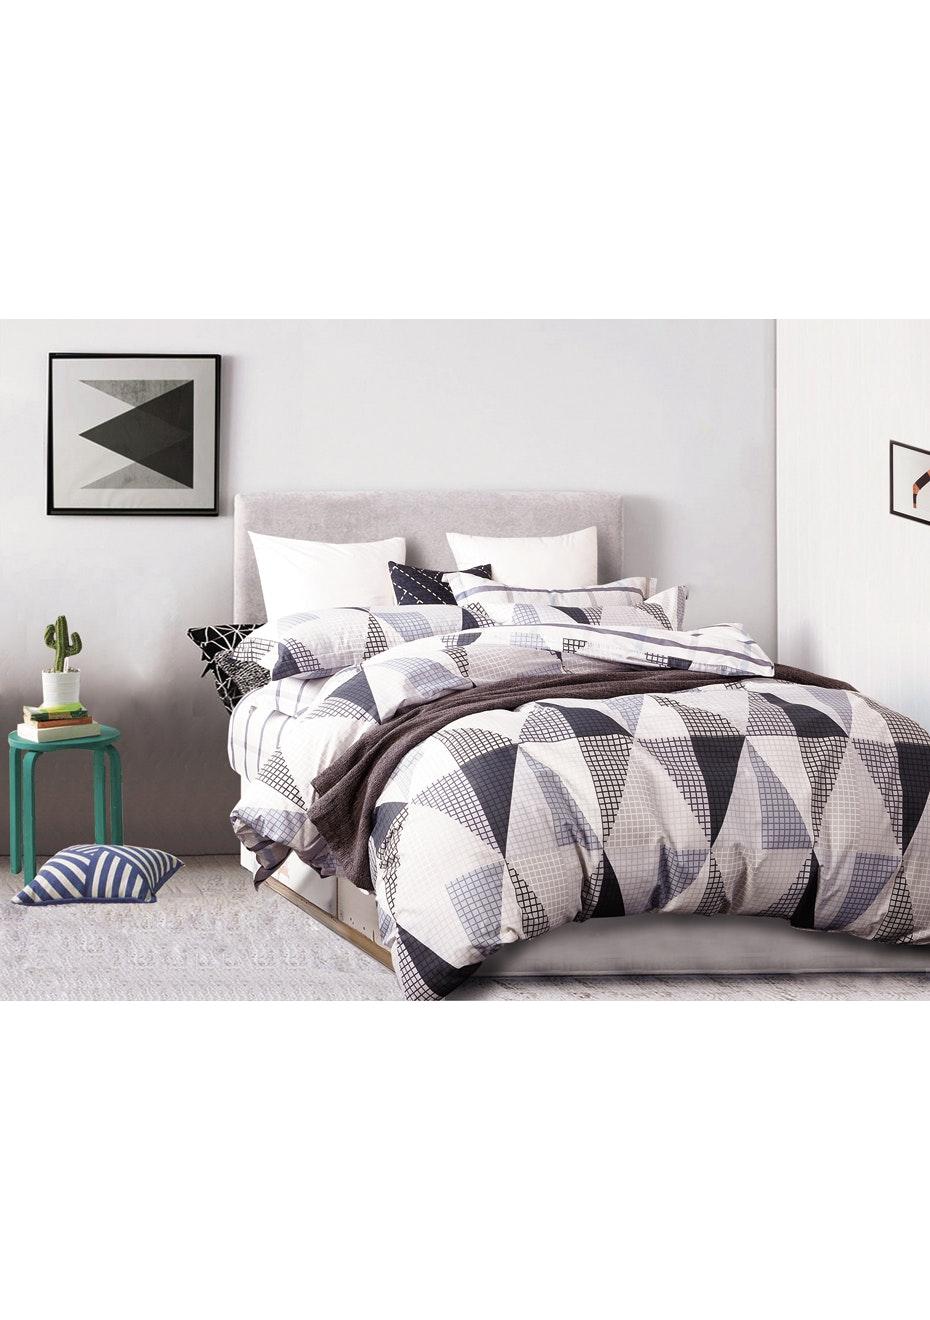 Altona Quilt Cover Set - Reversible Design - 100% Cotton - Single Bed